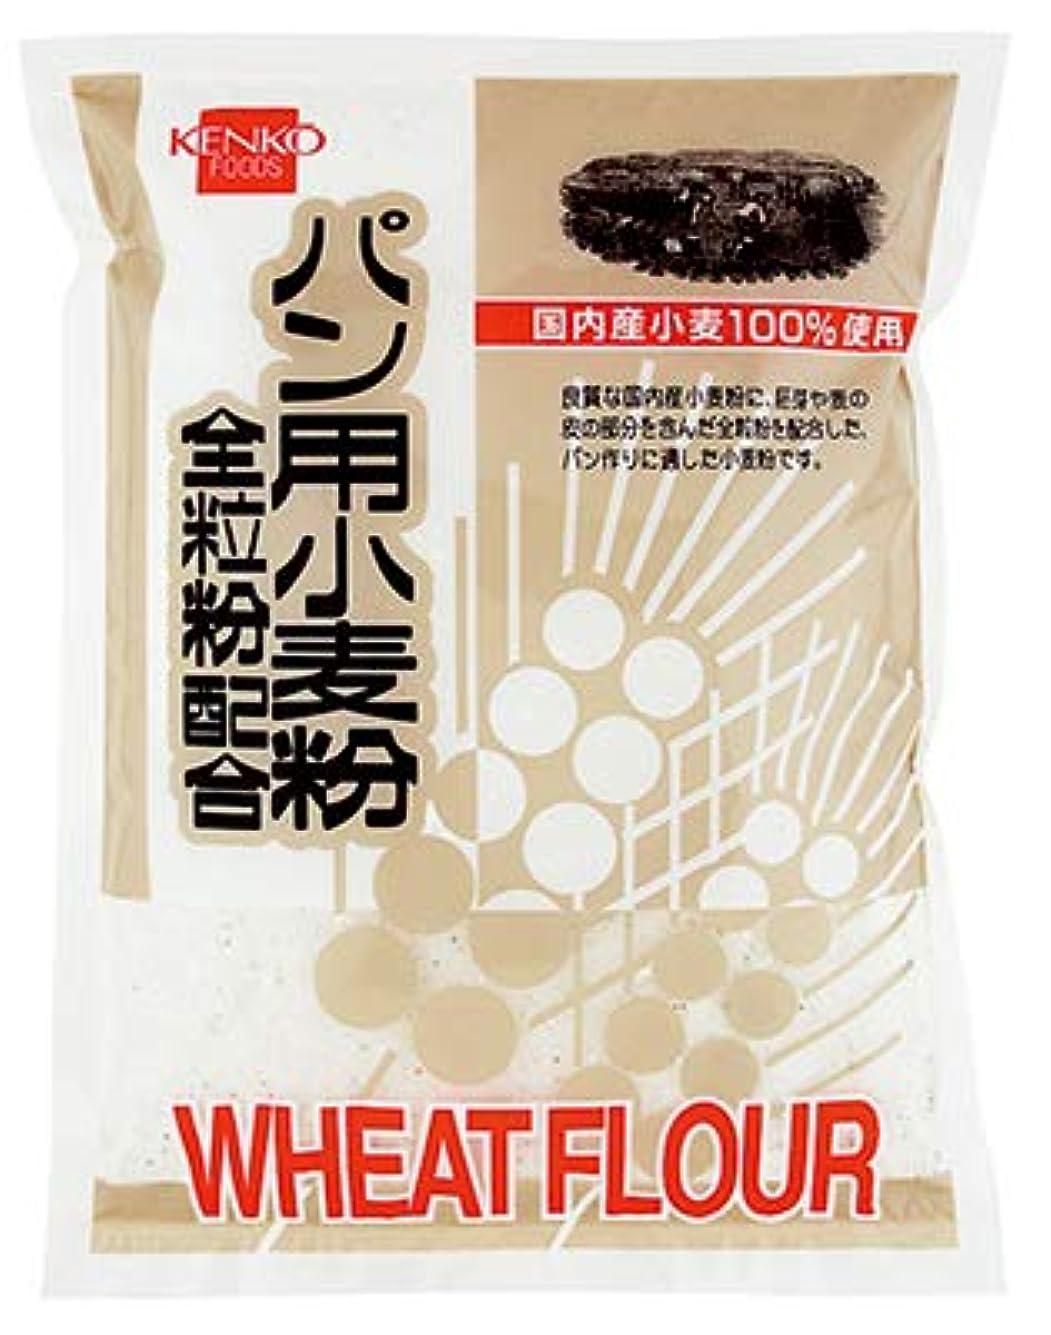 欠点歩き回るジャンク健康フーズのパン用小麦粉全粒粉配合500g×5個          JAN: 4973044039984